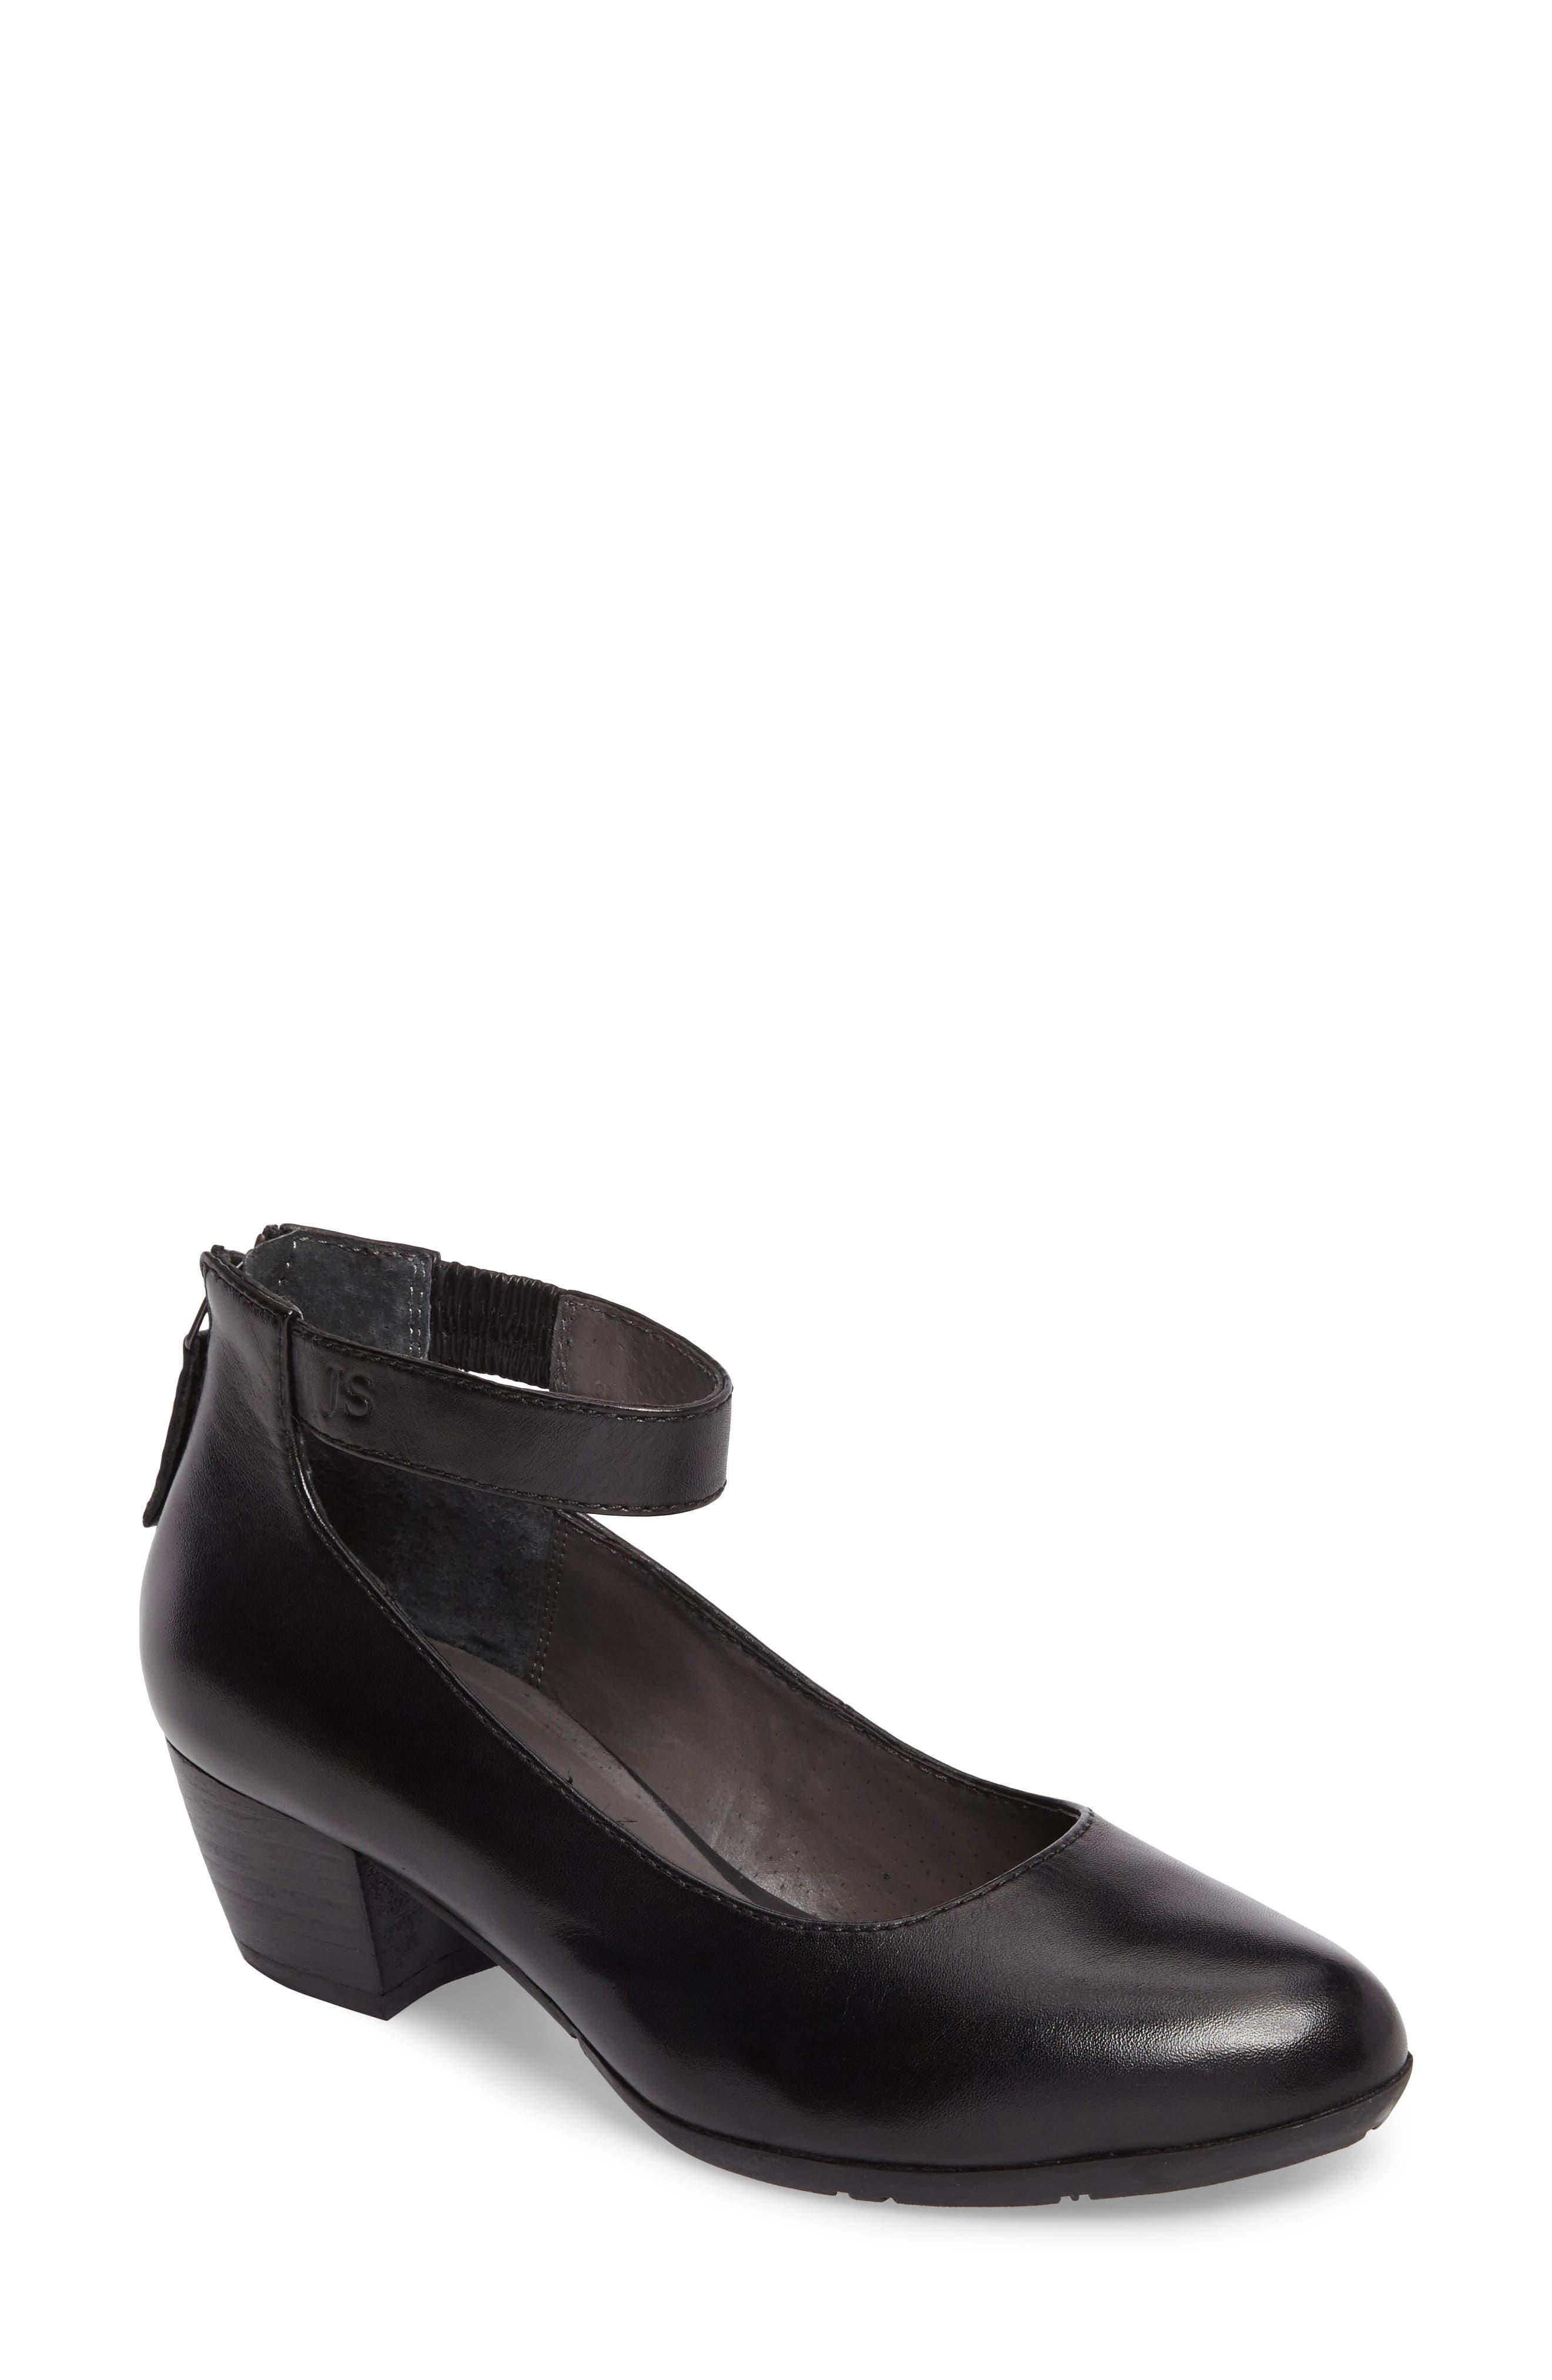 Sue 09 Ankle Strap Pump,                             Main thumbnail 1, color,                             Black Leather